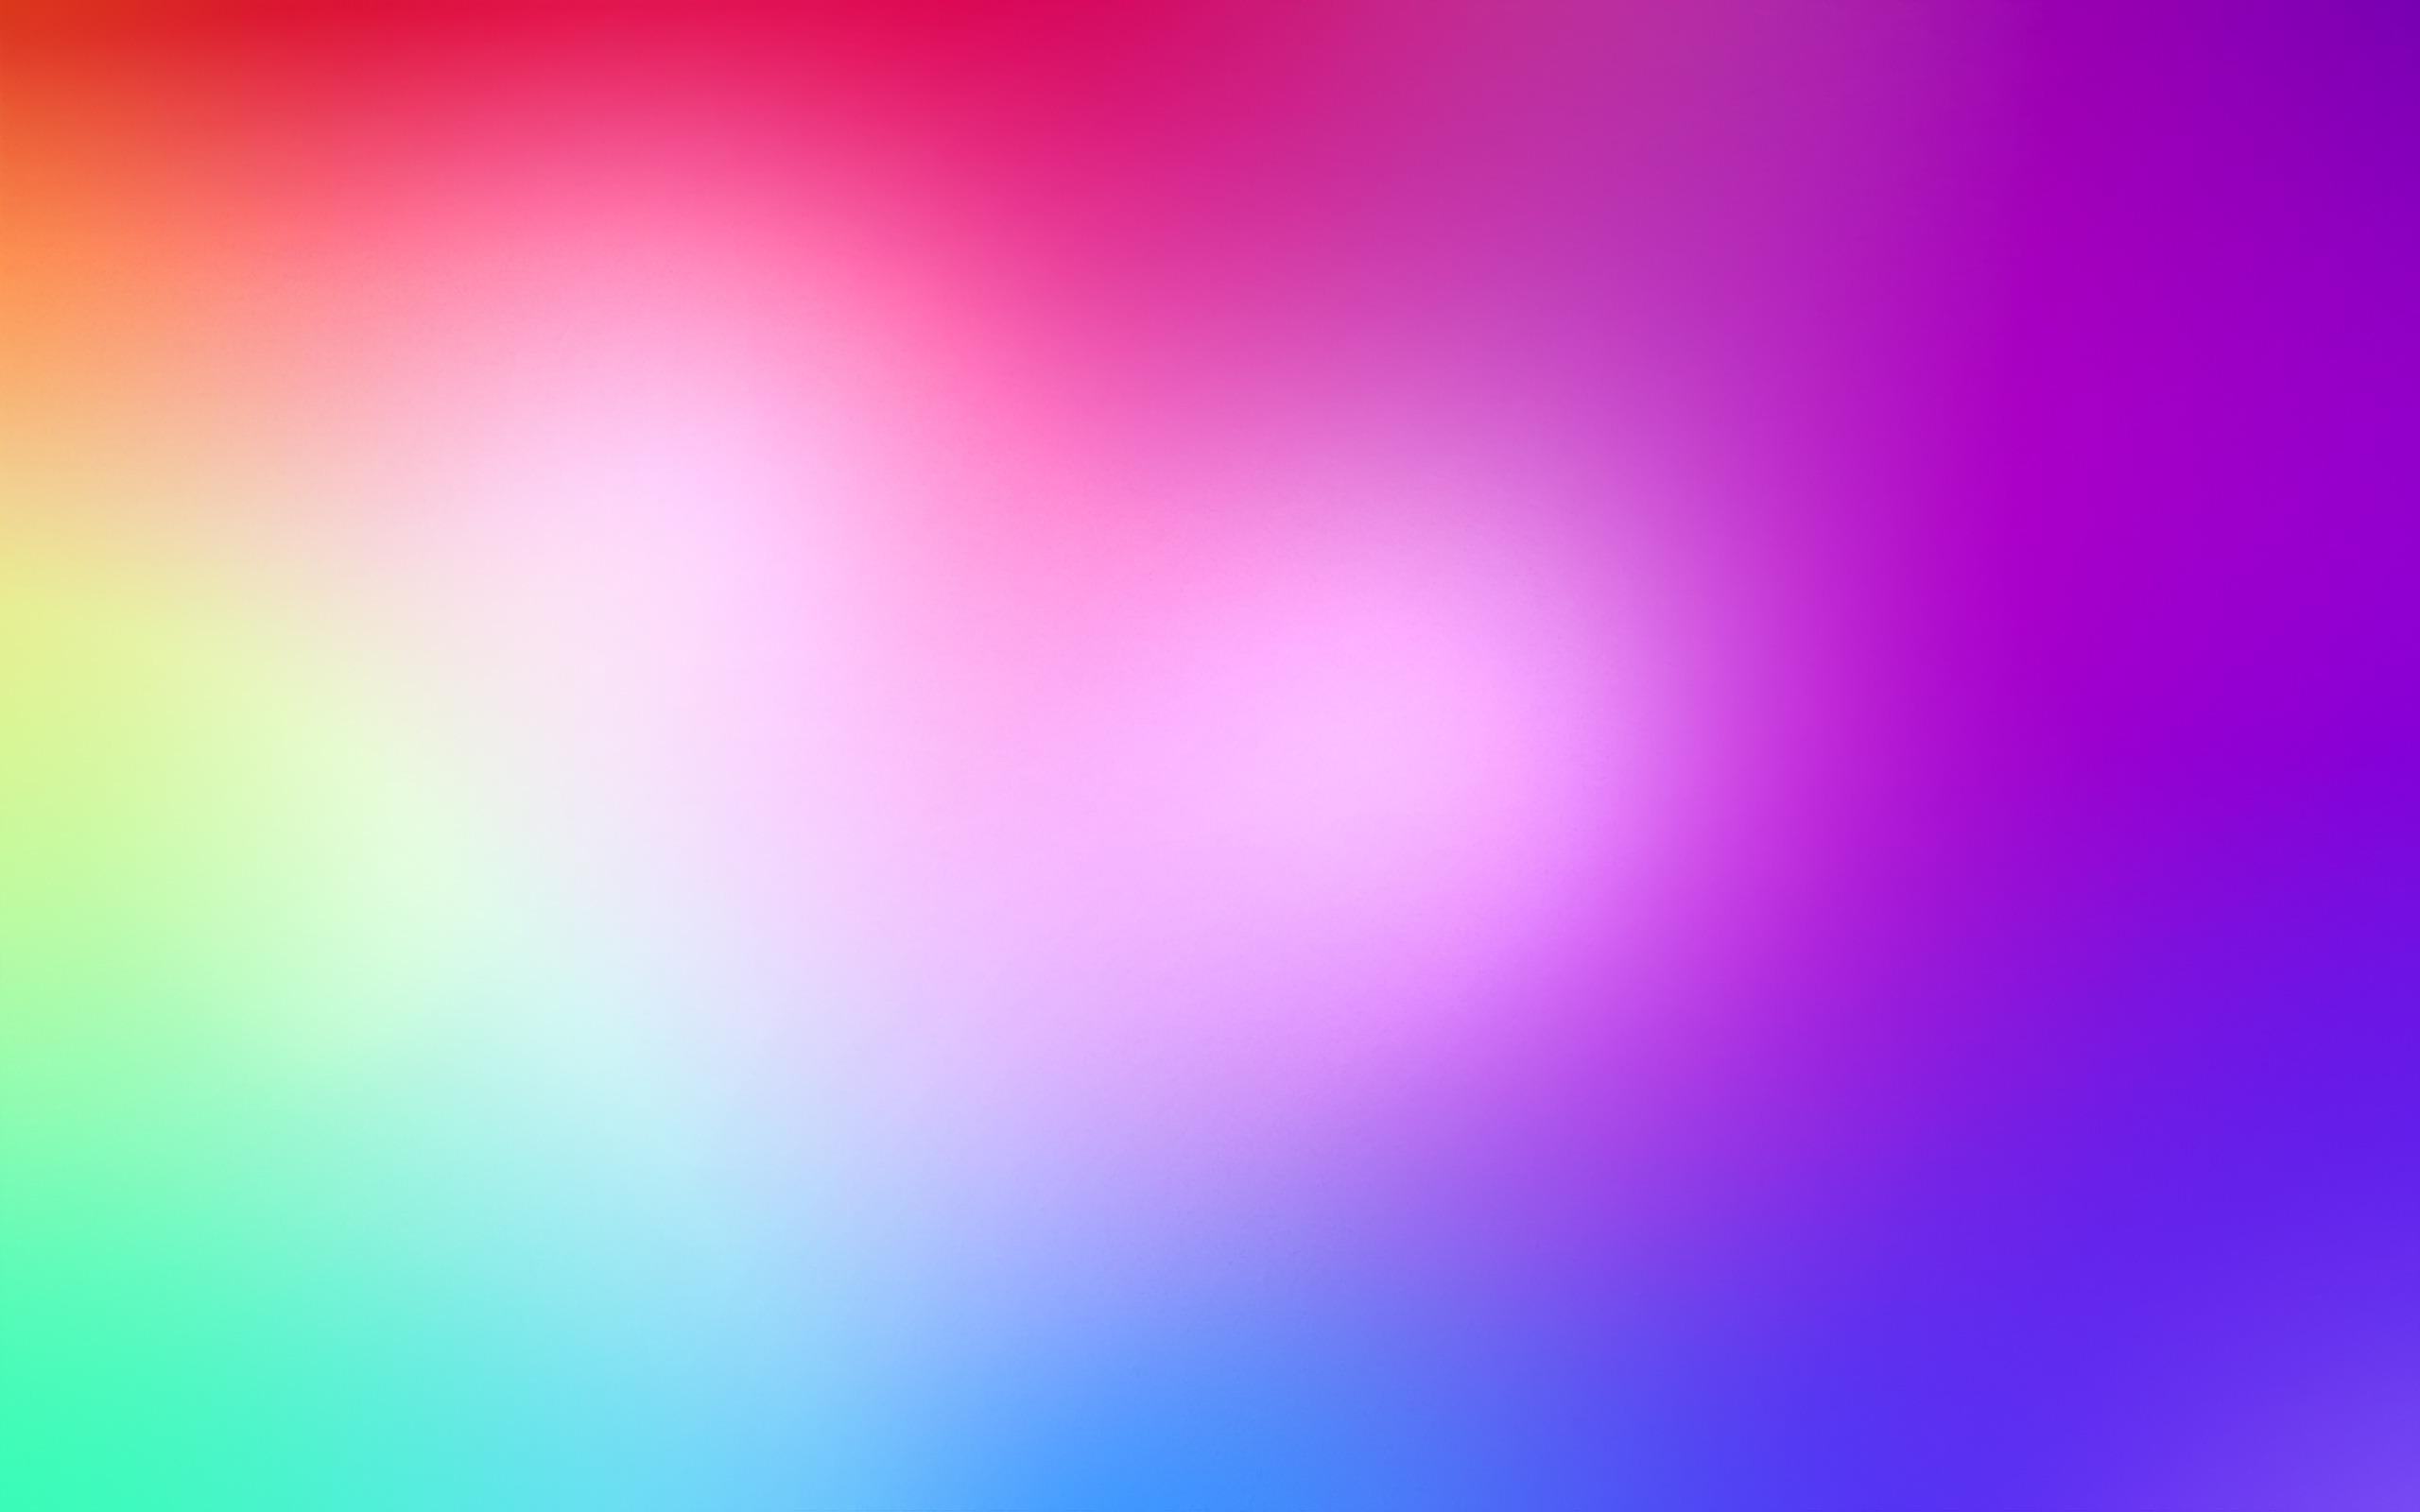 imagenes con color: